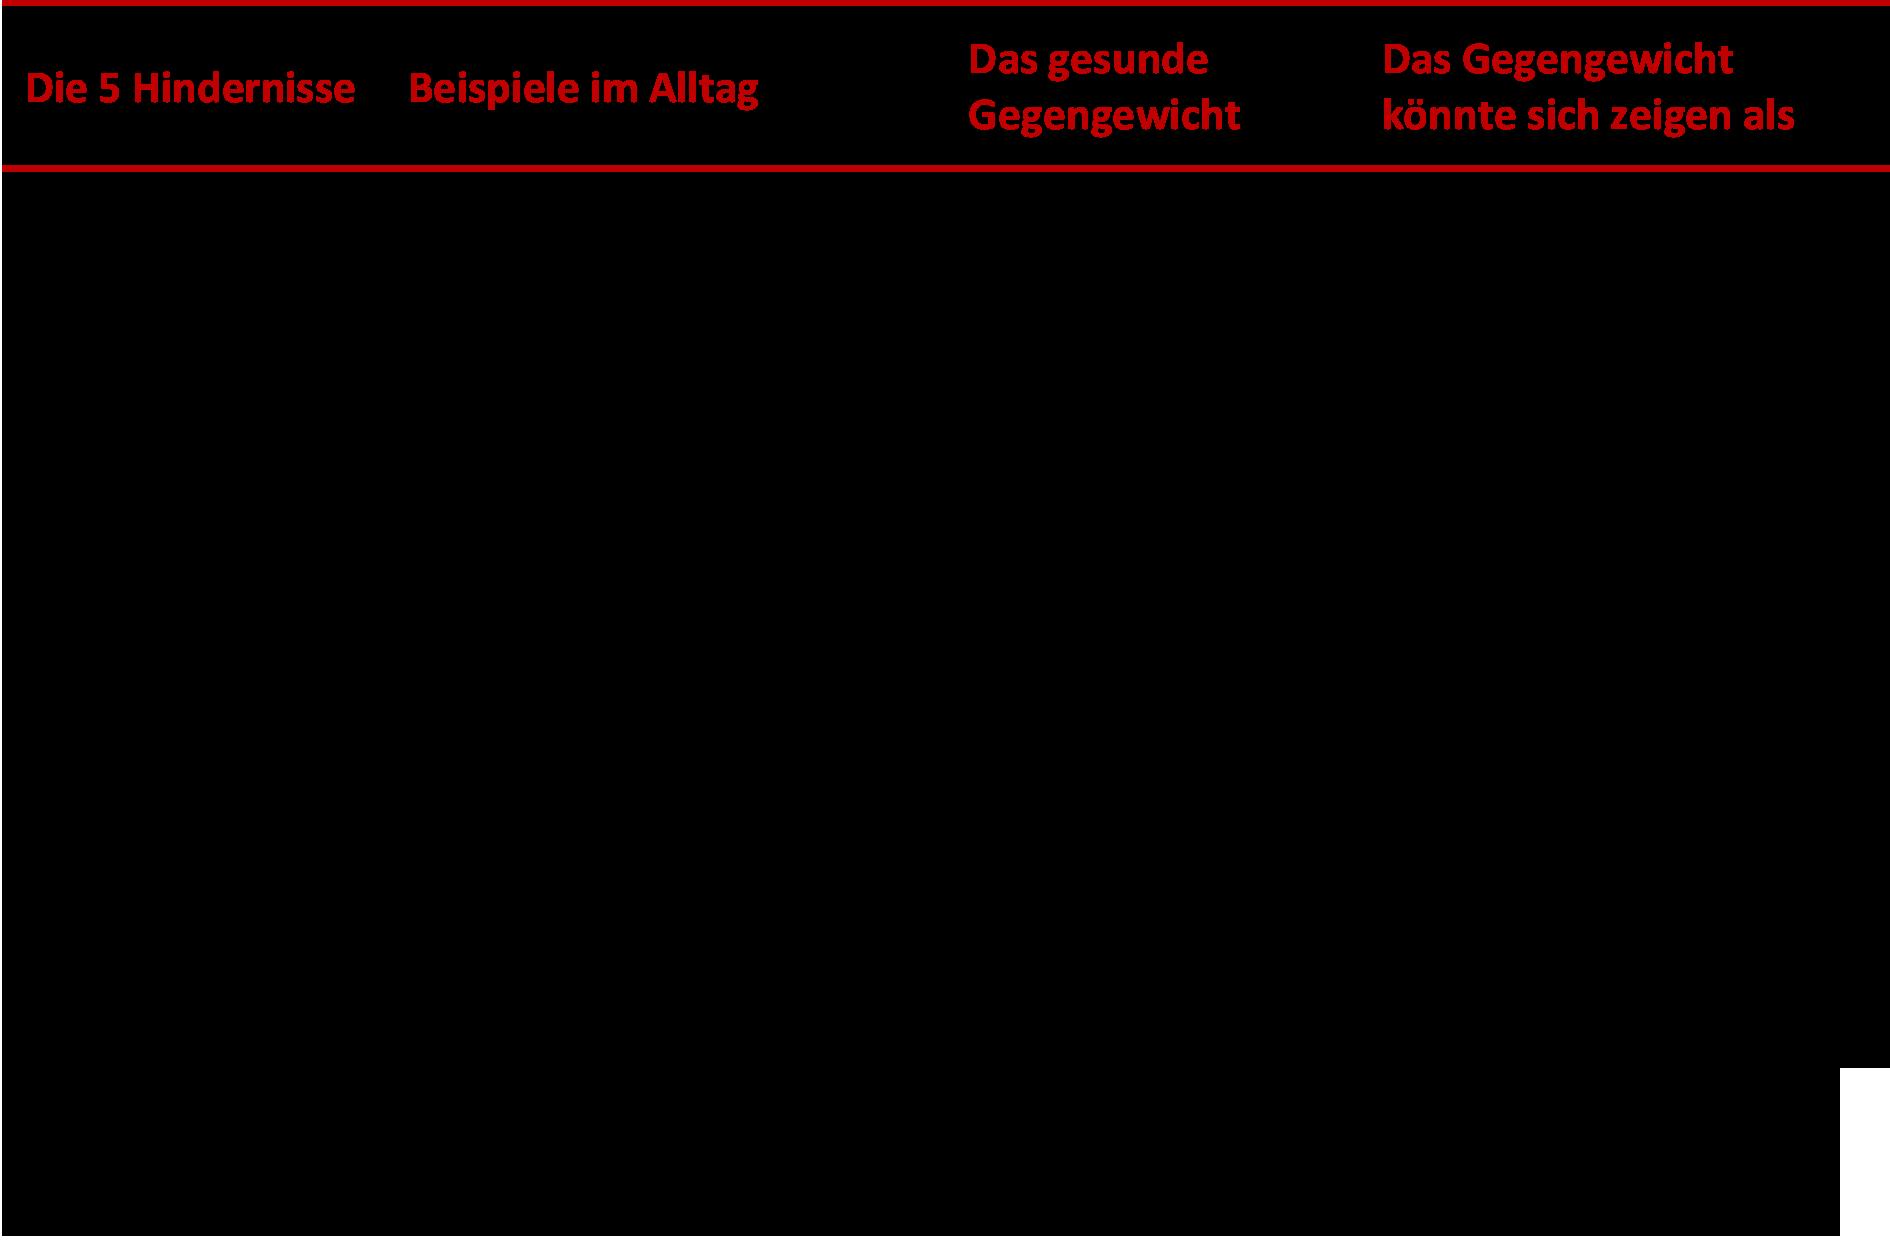 Anhand dieser Tabelle möchte ich Ihnen verständlich machen, dass mehr Achtsamkeit und ein bewusster Umgang mit den 5 Hindernissen den Erfolg im Businessalltag positiv beeinflussen kann.